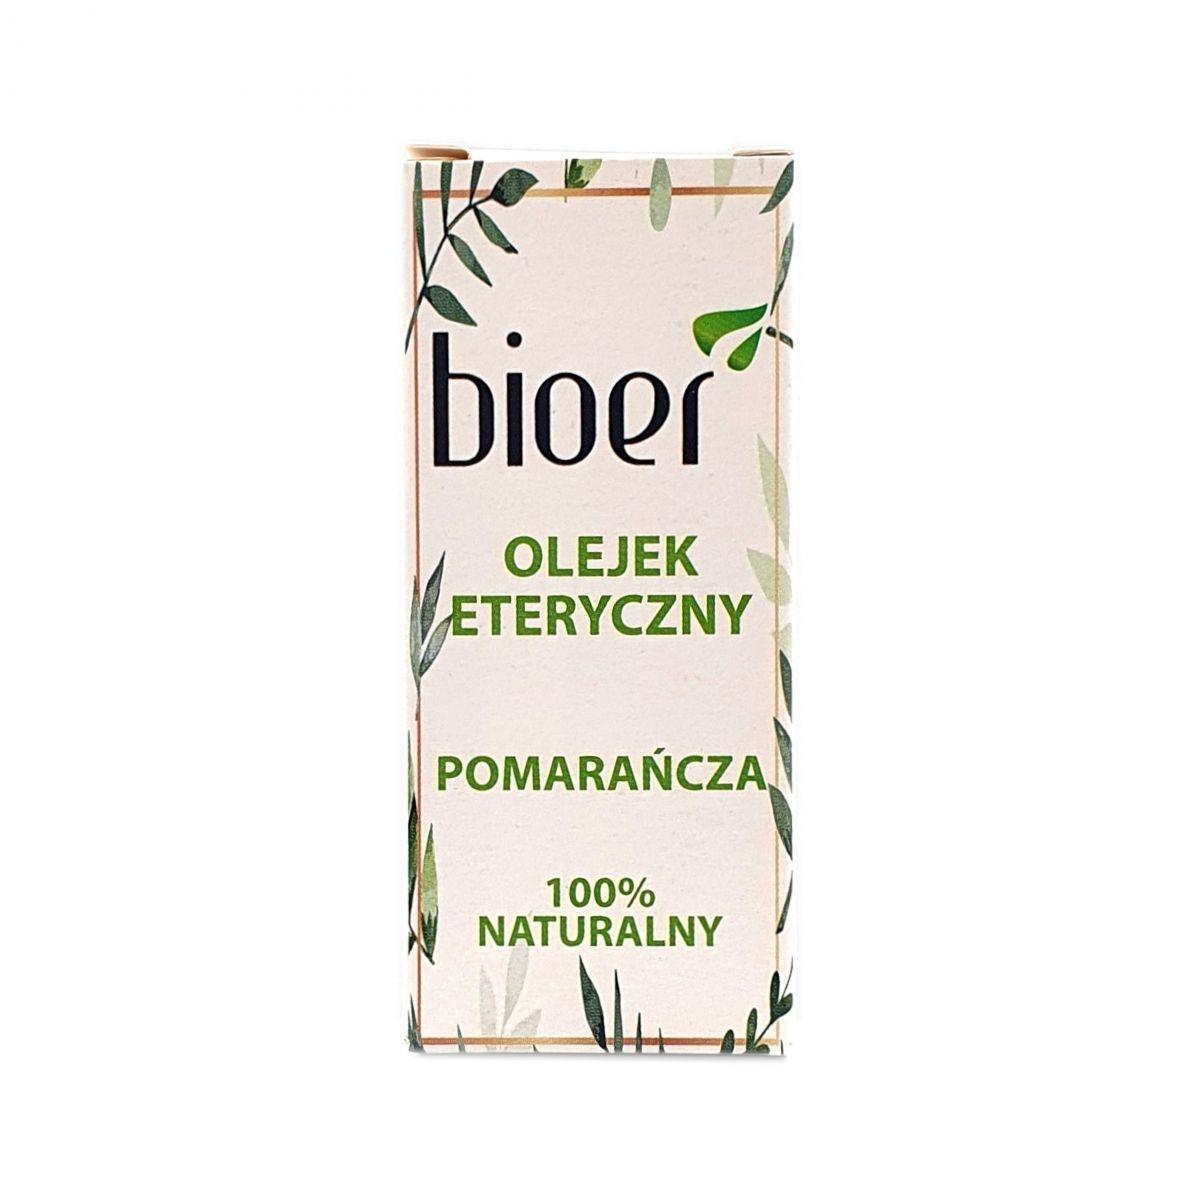 Olejek Eteryczny Pomarańczowy - 12ml - Bioer